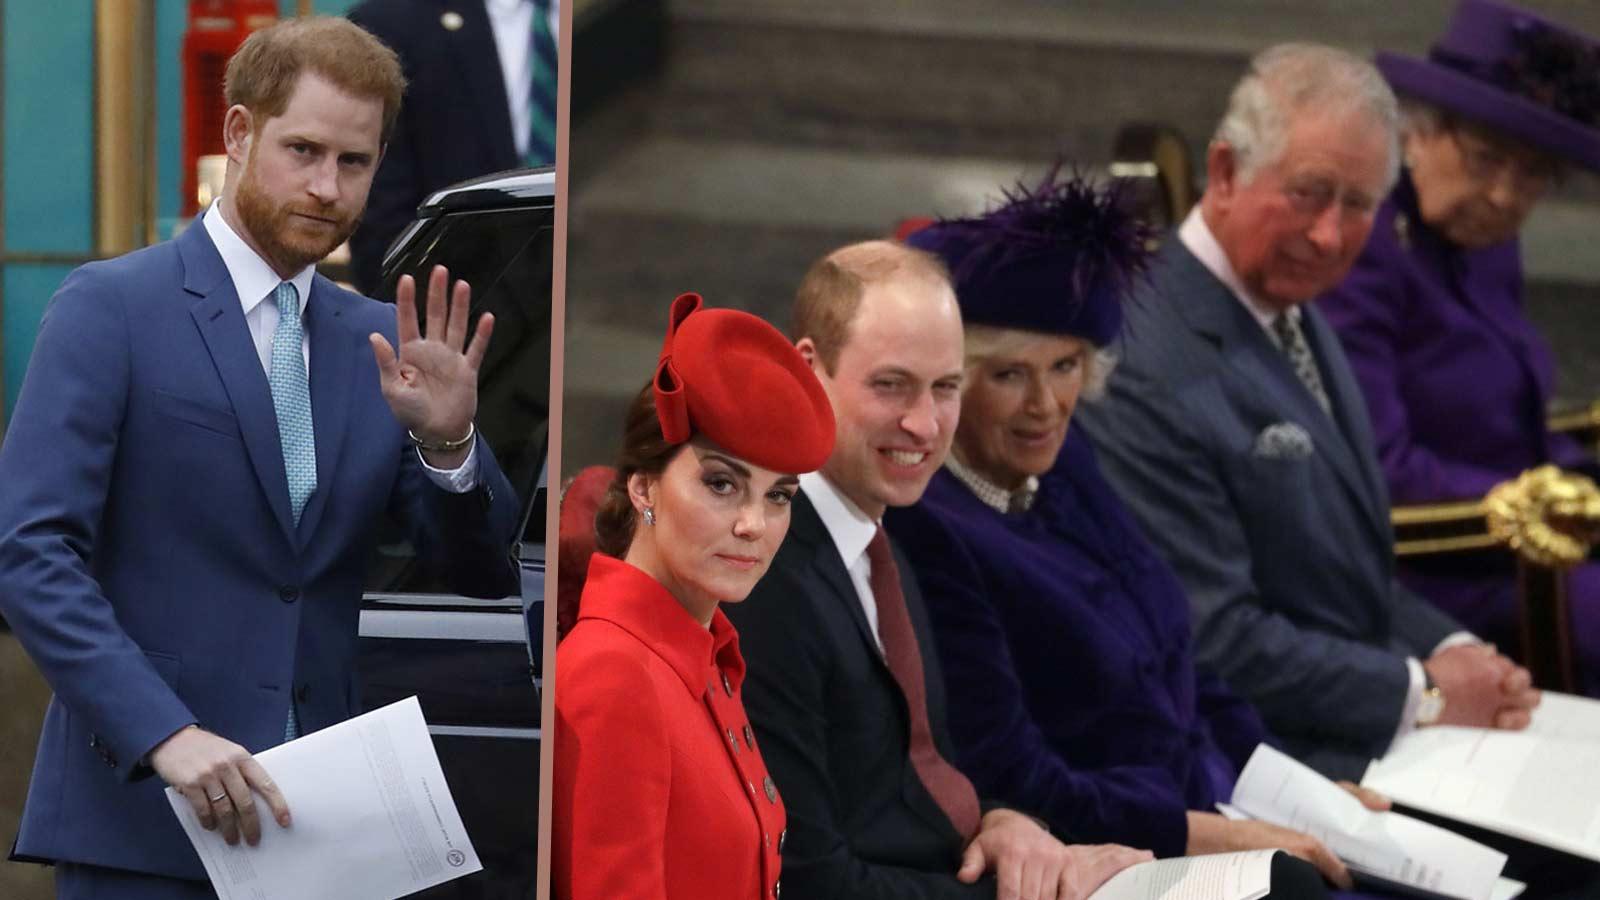 Le prince Harry pointé du doigt de court-circuiter la Couronne britannique. Ce communiqué qui en dit long !